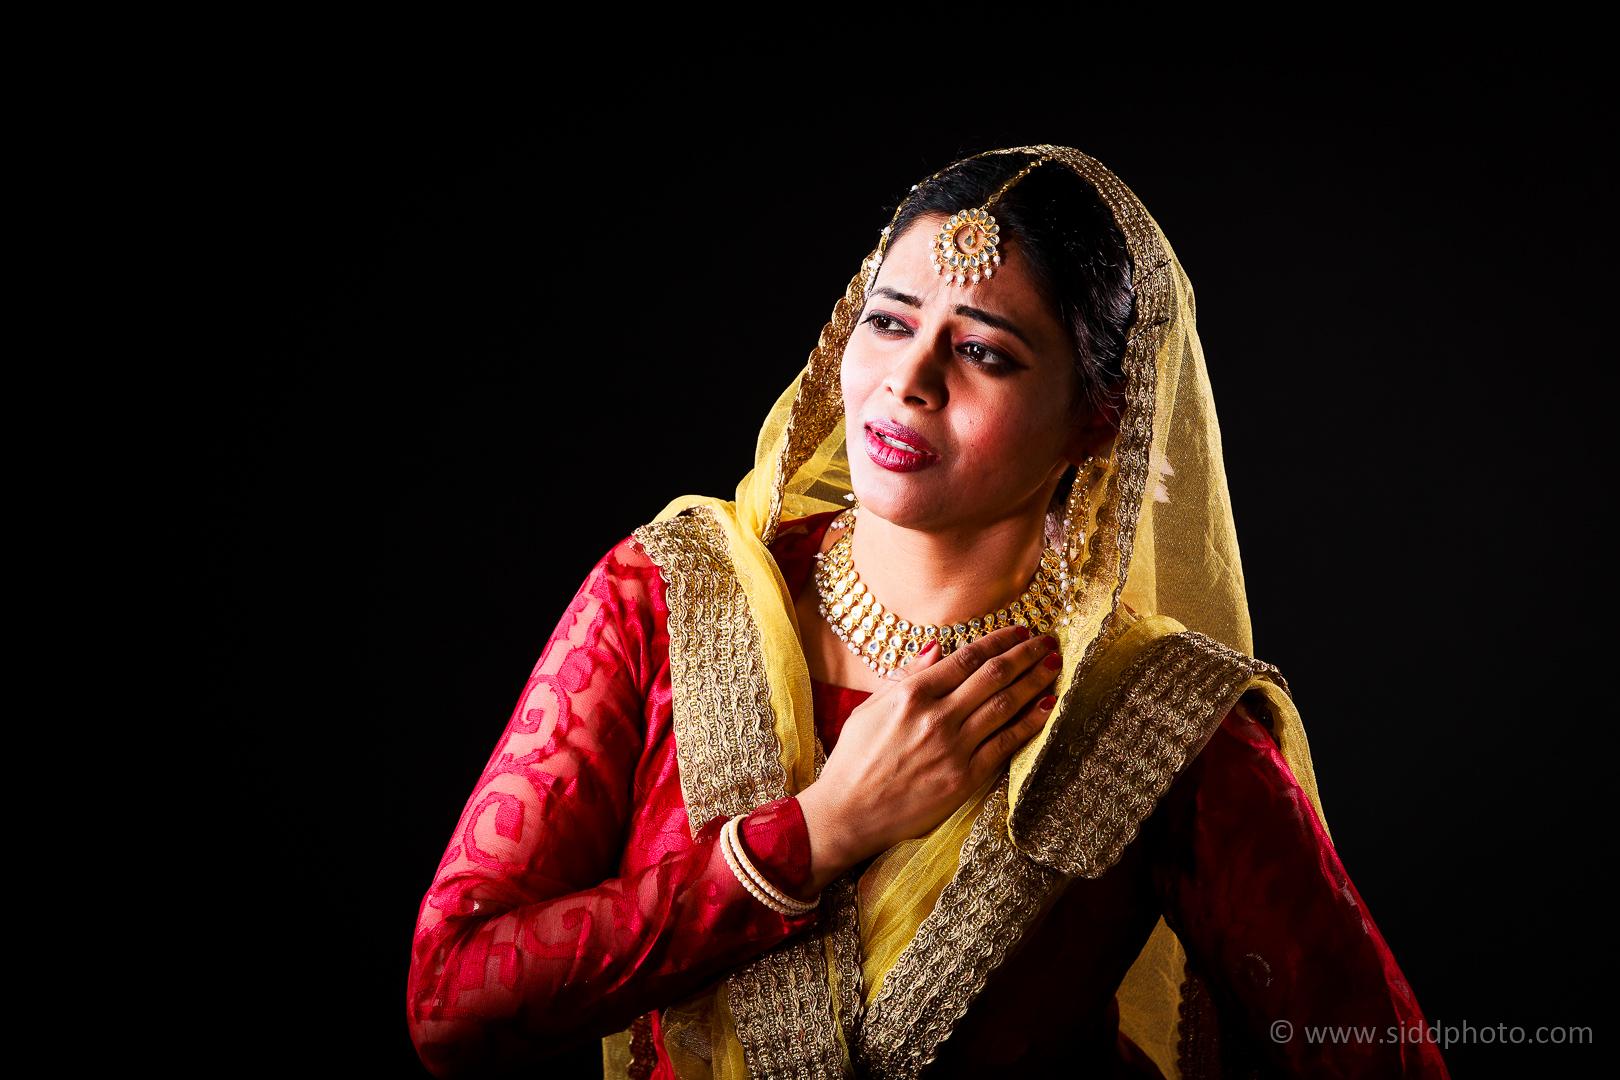 2012-04-21 - Antara Dutta Katthak Photoshoot - EO5C9924-14